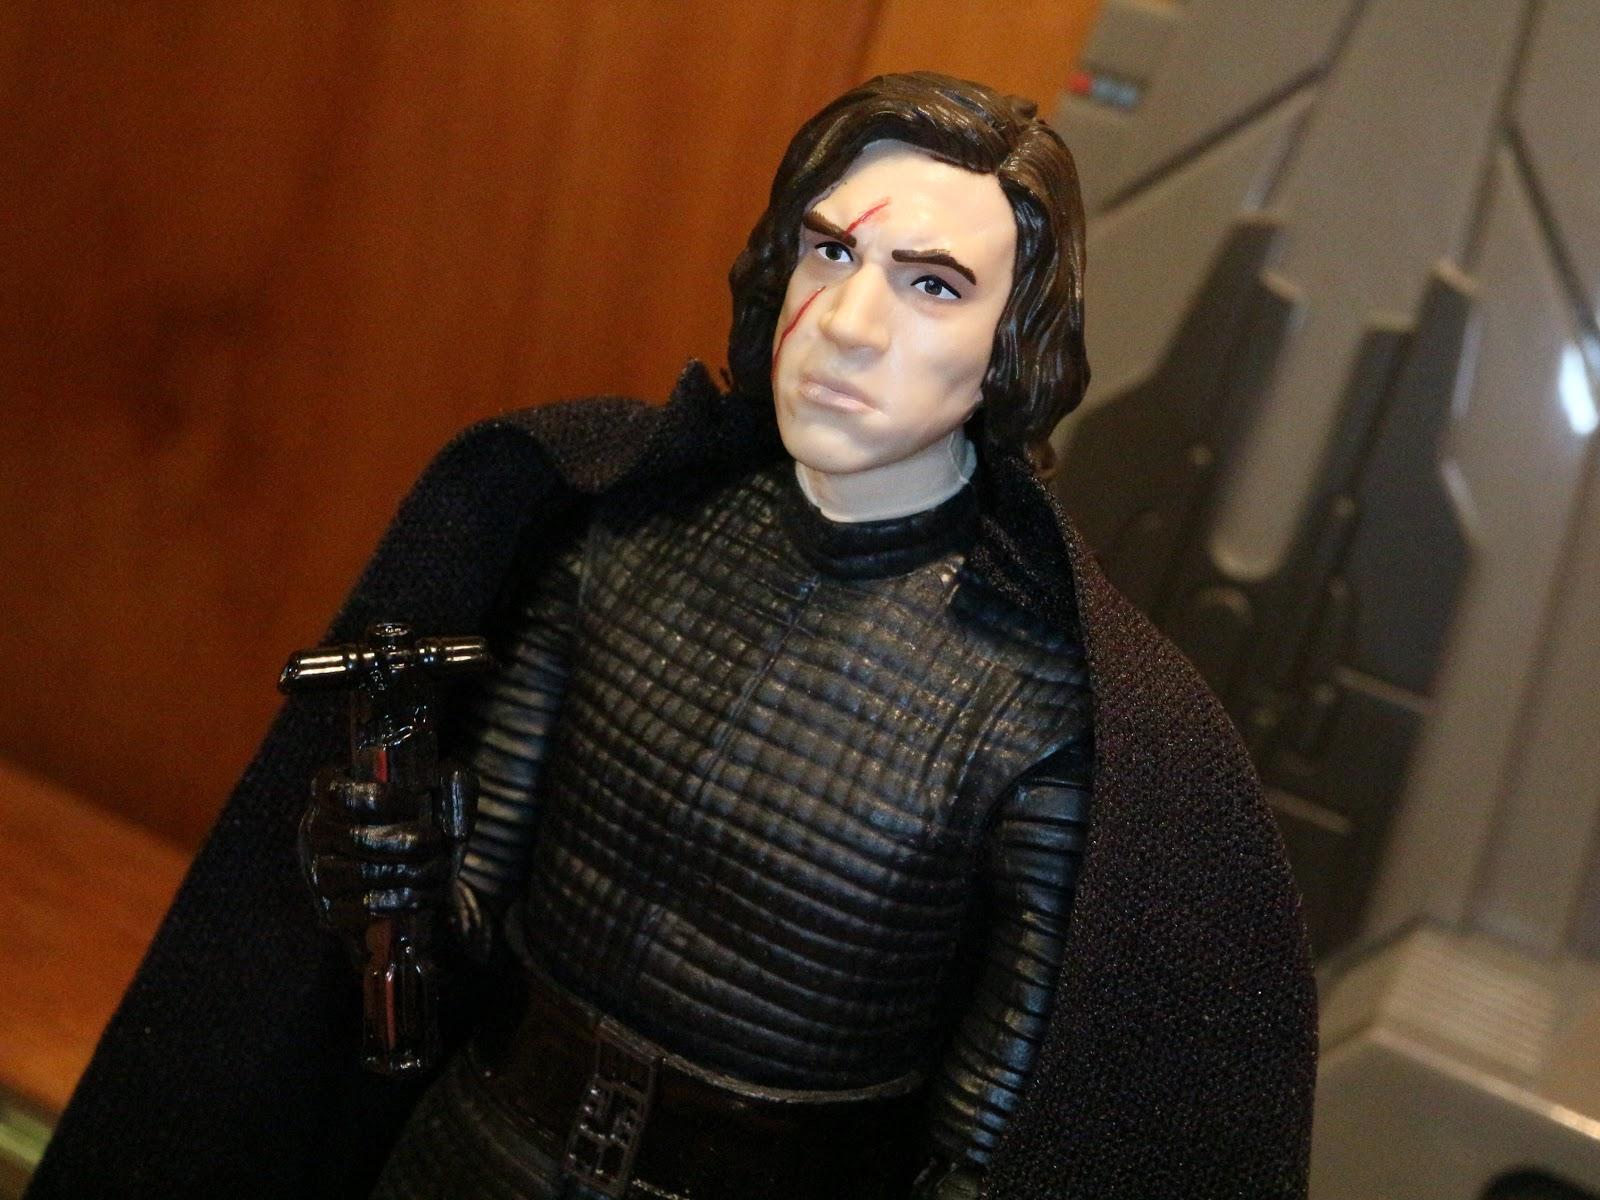 Star Wars SET OF 3 KMART EXCLUSIVE Rey Kylo Ren Jyn Erso Black Series Figures